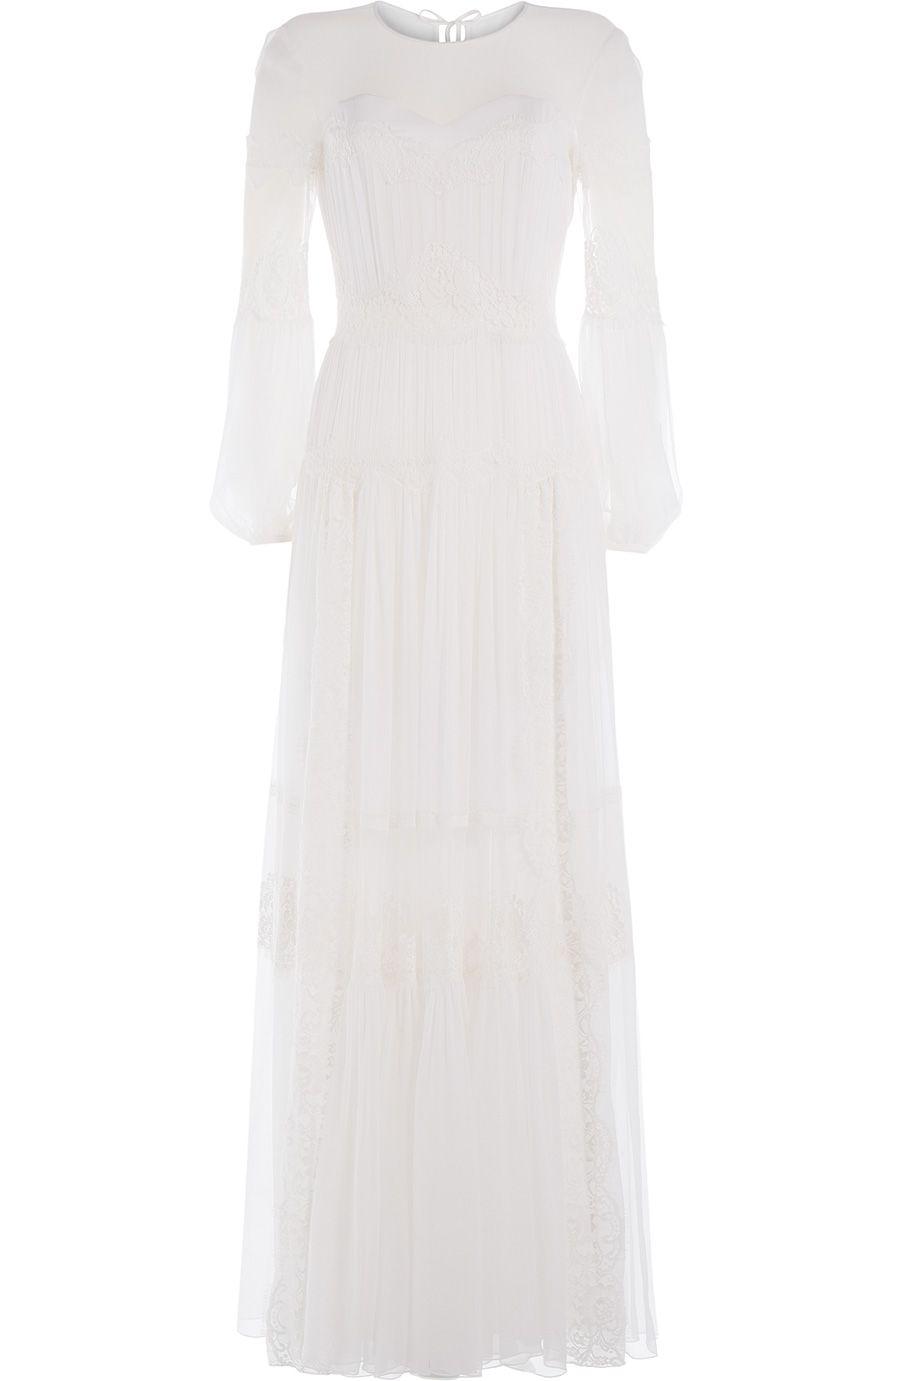 ALBERTA FERRETTI Silk Mousseline Maxi Dress with Lace. #albertaferretti #cloth #evening/black tie